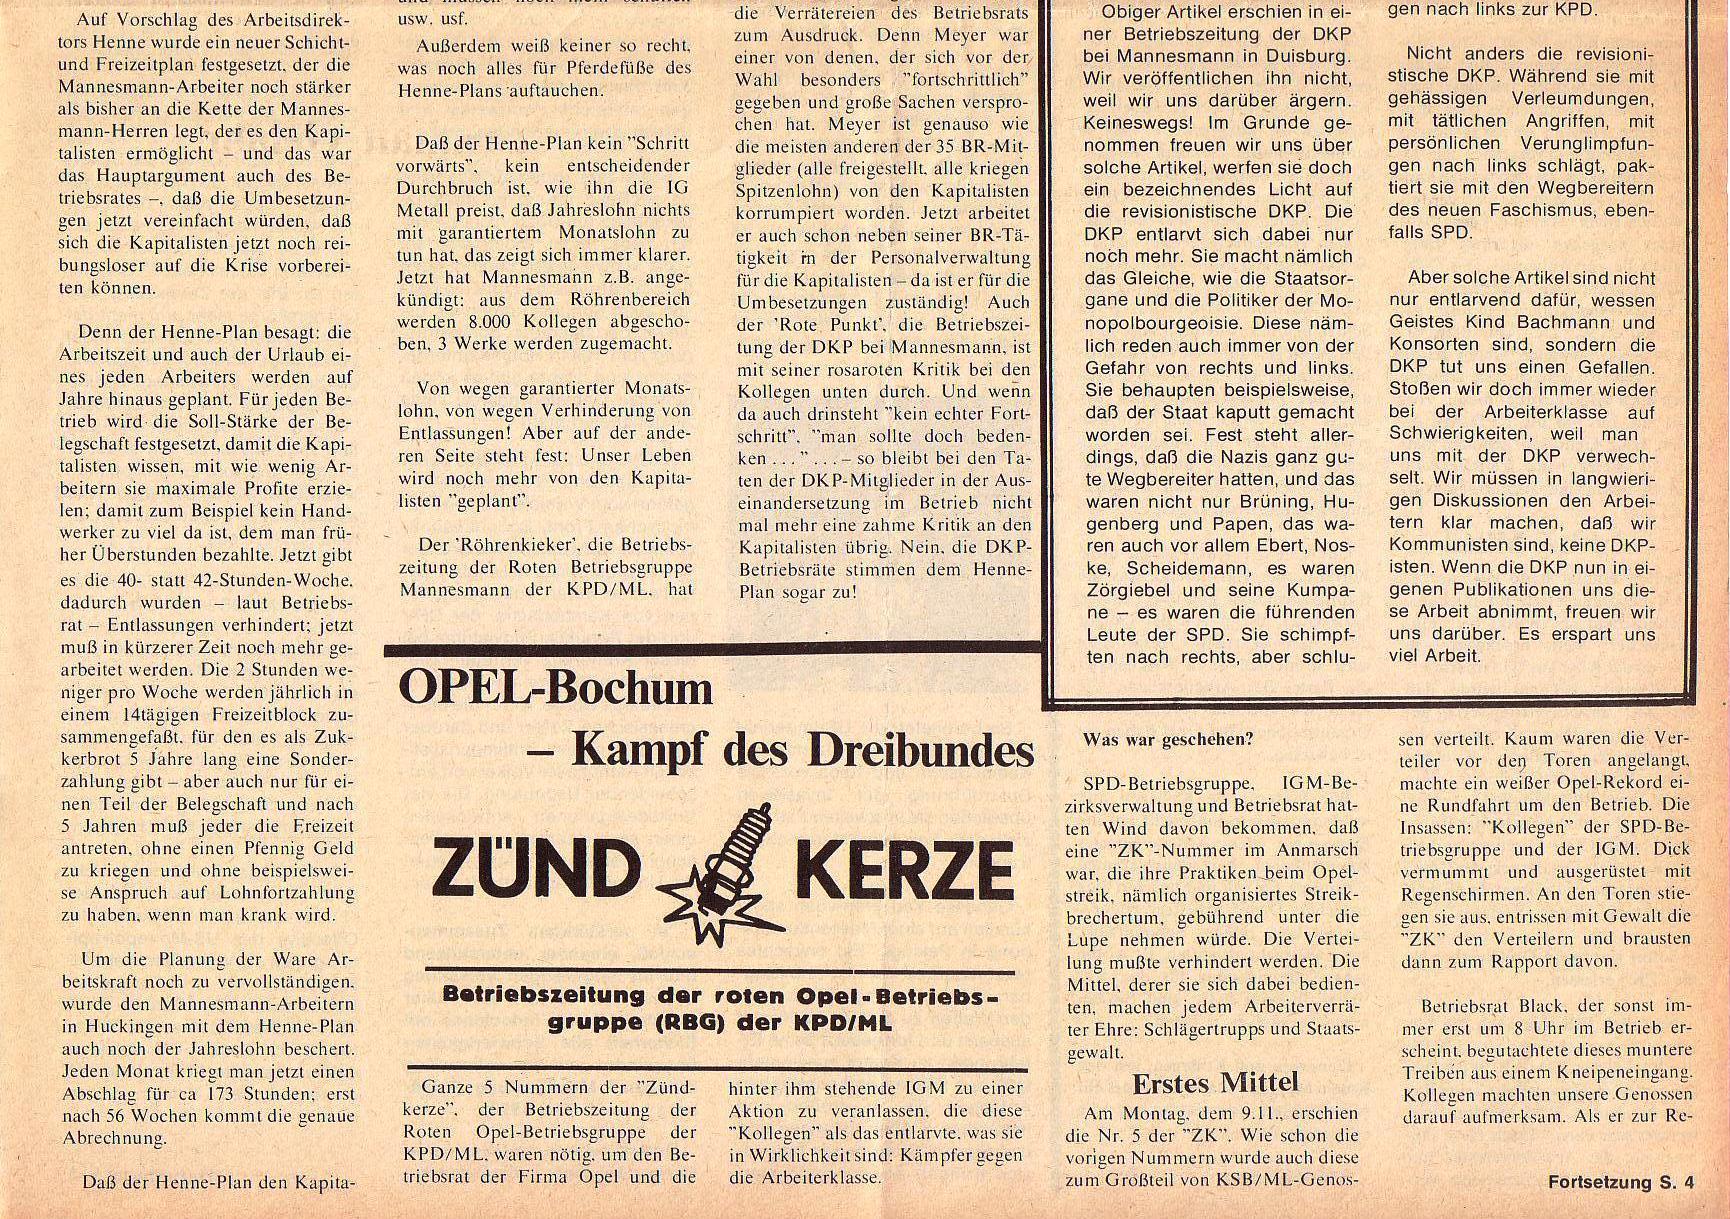 Roter Morgen, 5. Jg., März 1971, Nr. 3, Seite 3b